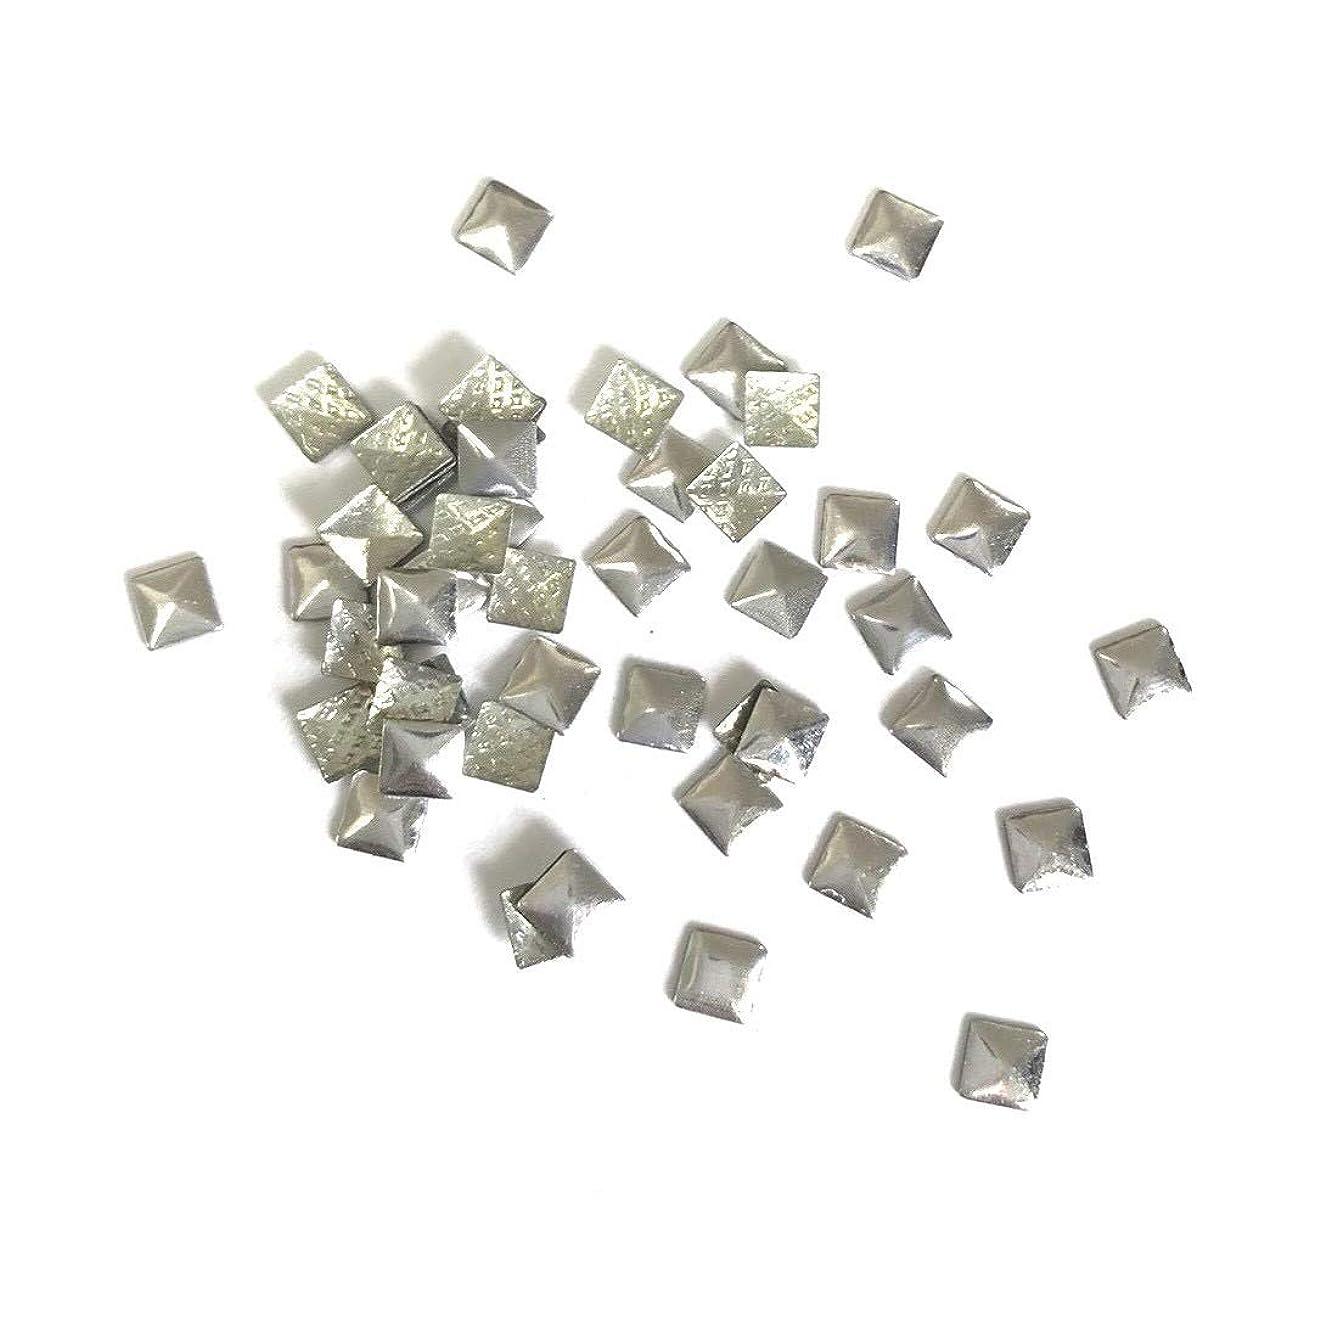 ウールすり減る見物人【ネイルウーマン】メタルパーツ スタッズ シルバー 銀 スクエア 四角形 (3mm) 約50粒入り